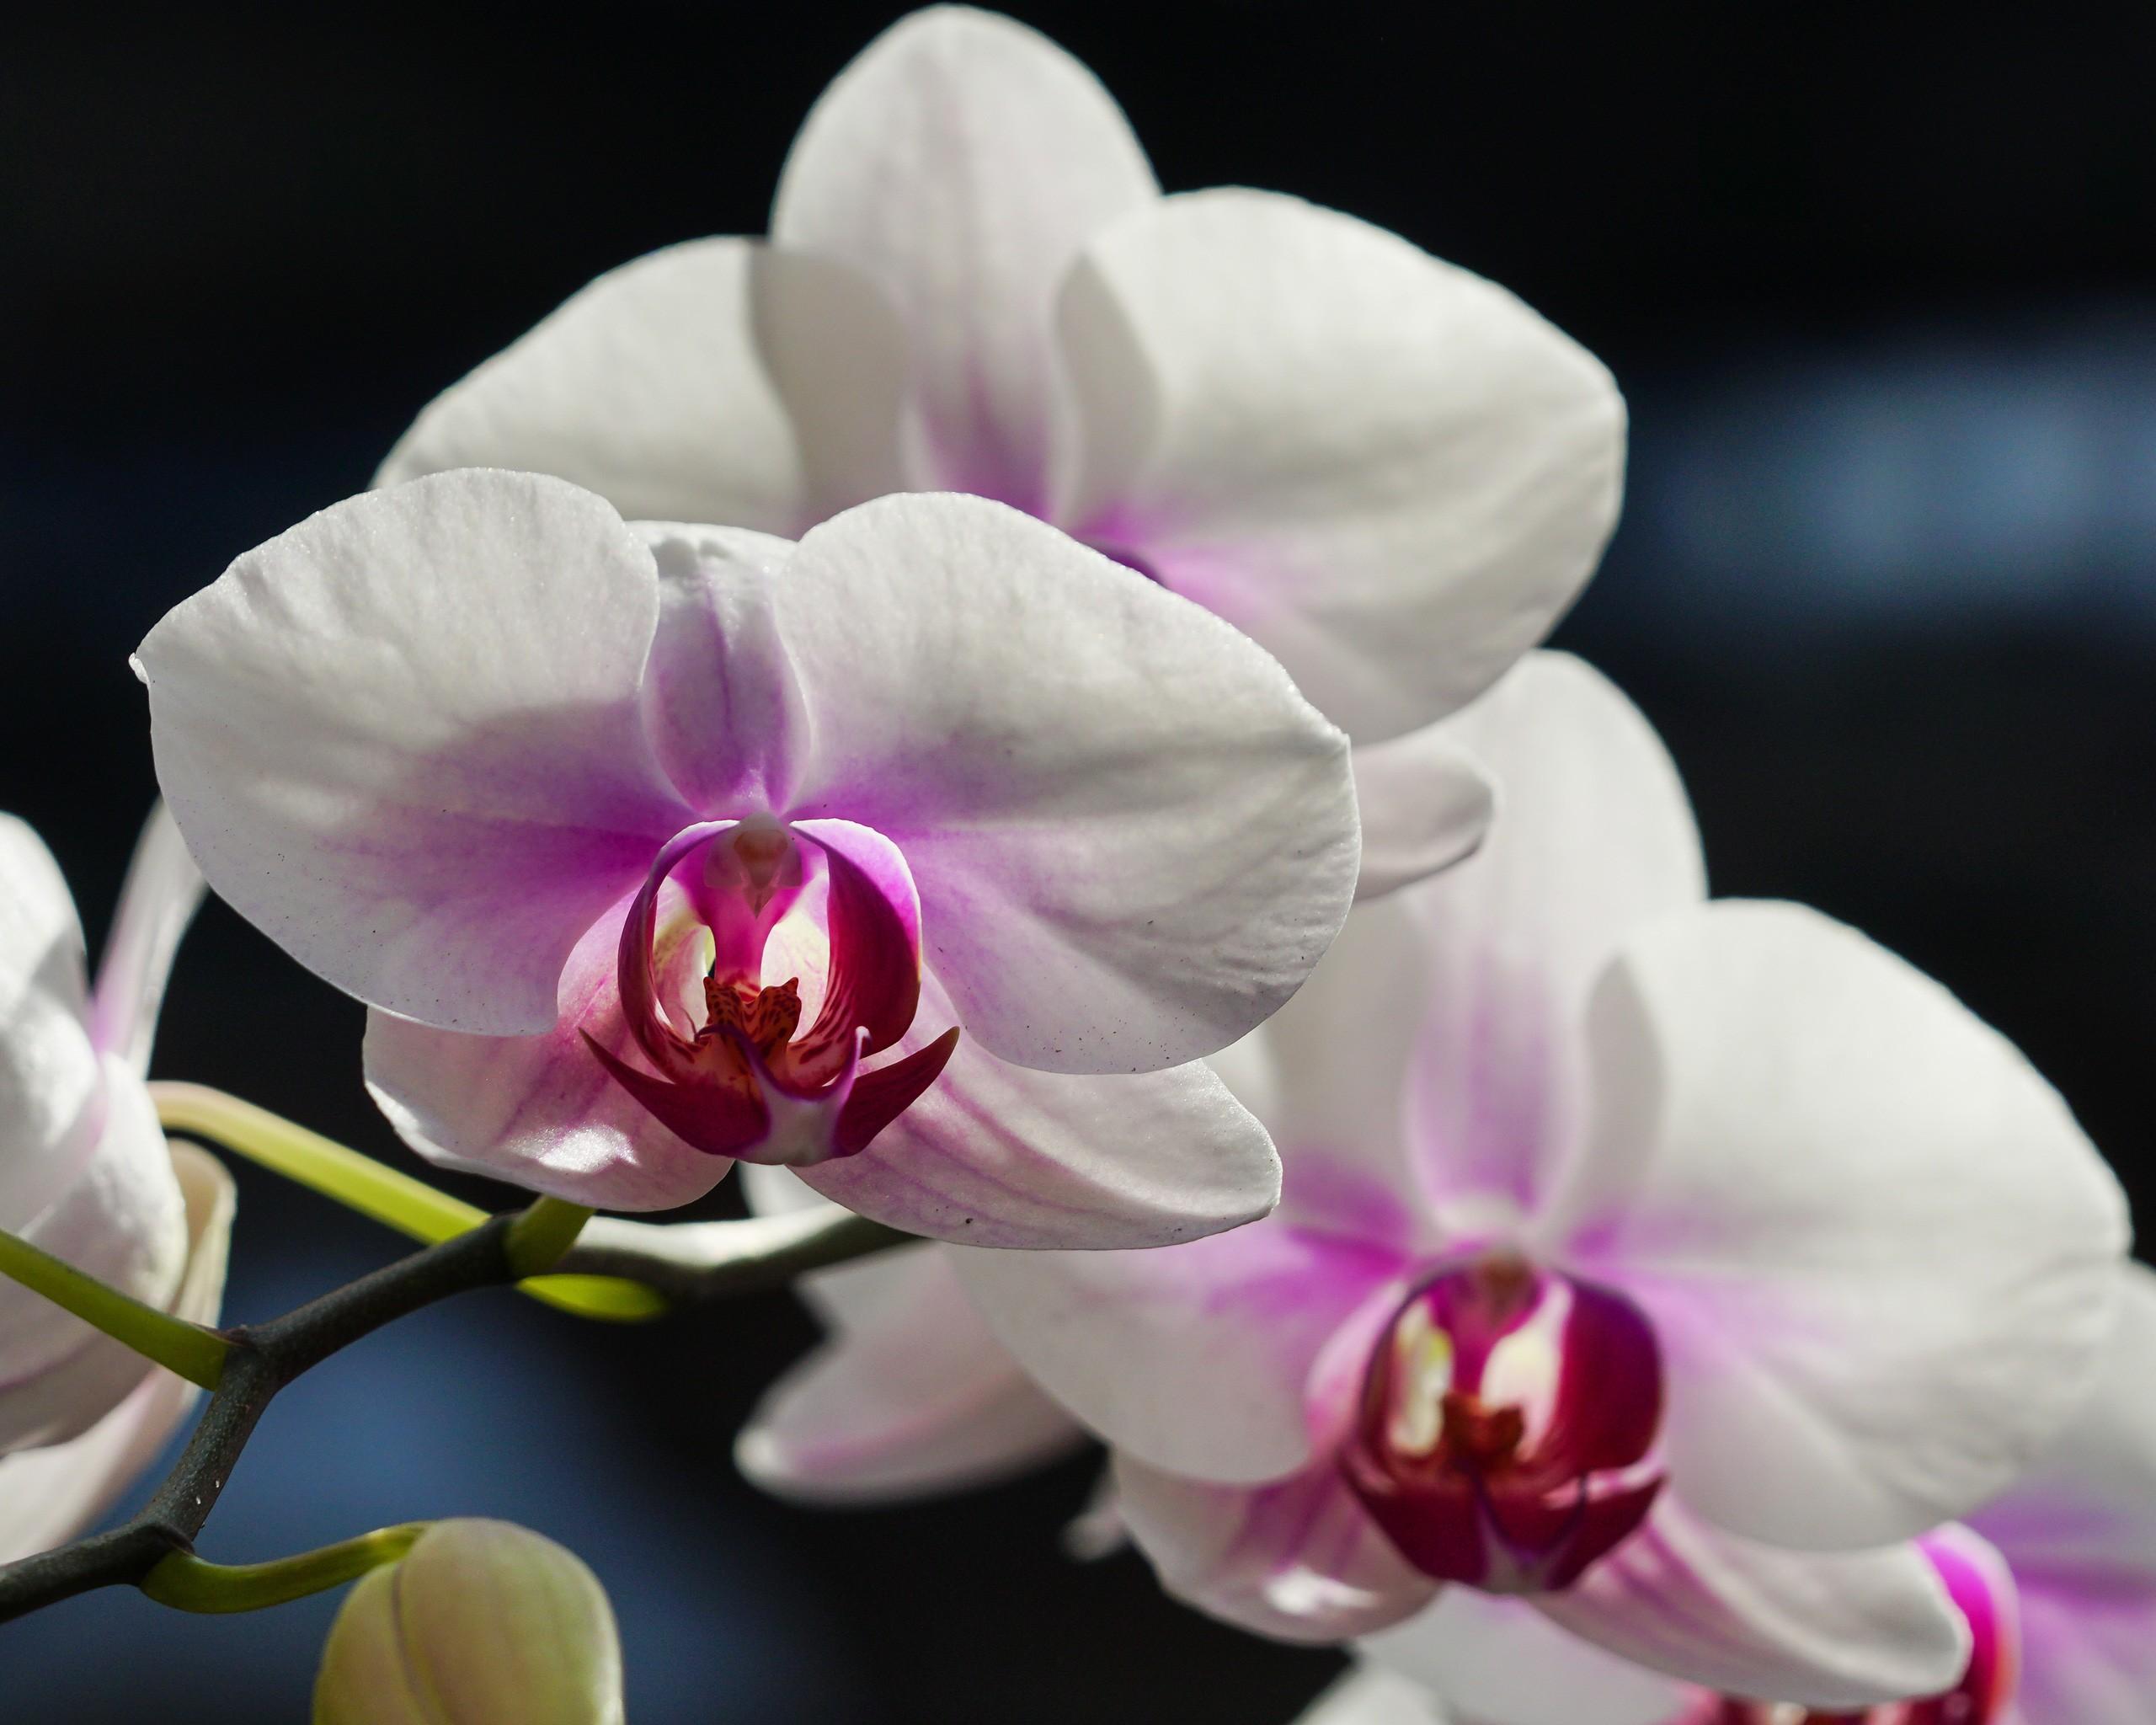 wallpapers blumen makro orchidee wei e orchidee f r desktop 138282. Black Bedroom Furniture Sets. Home Design Ideas